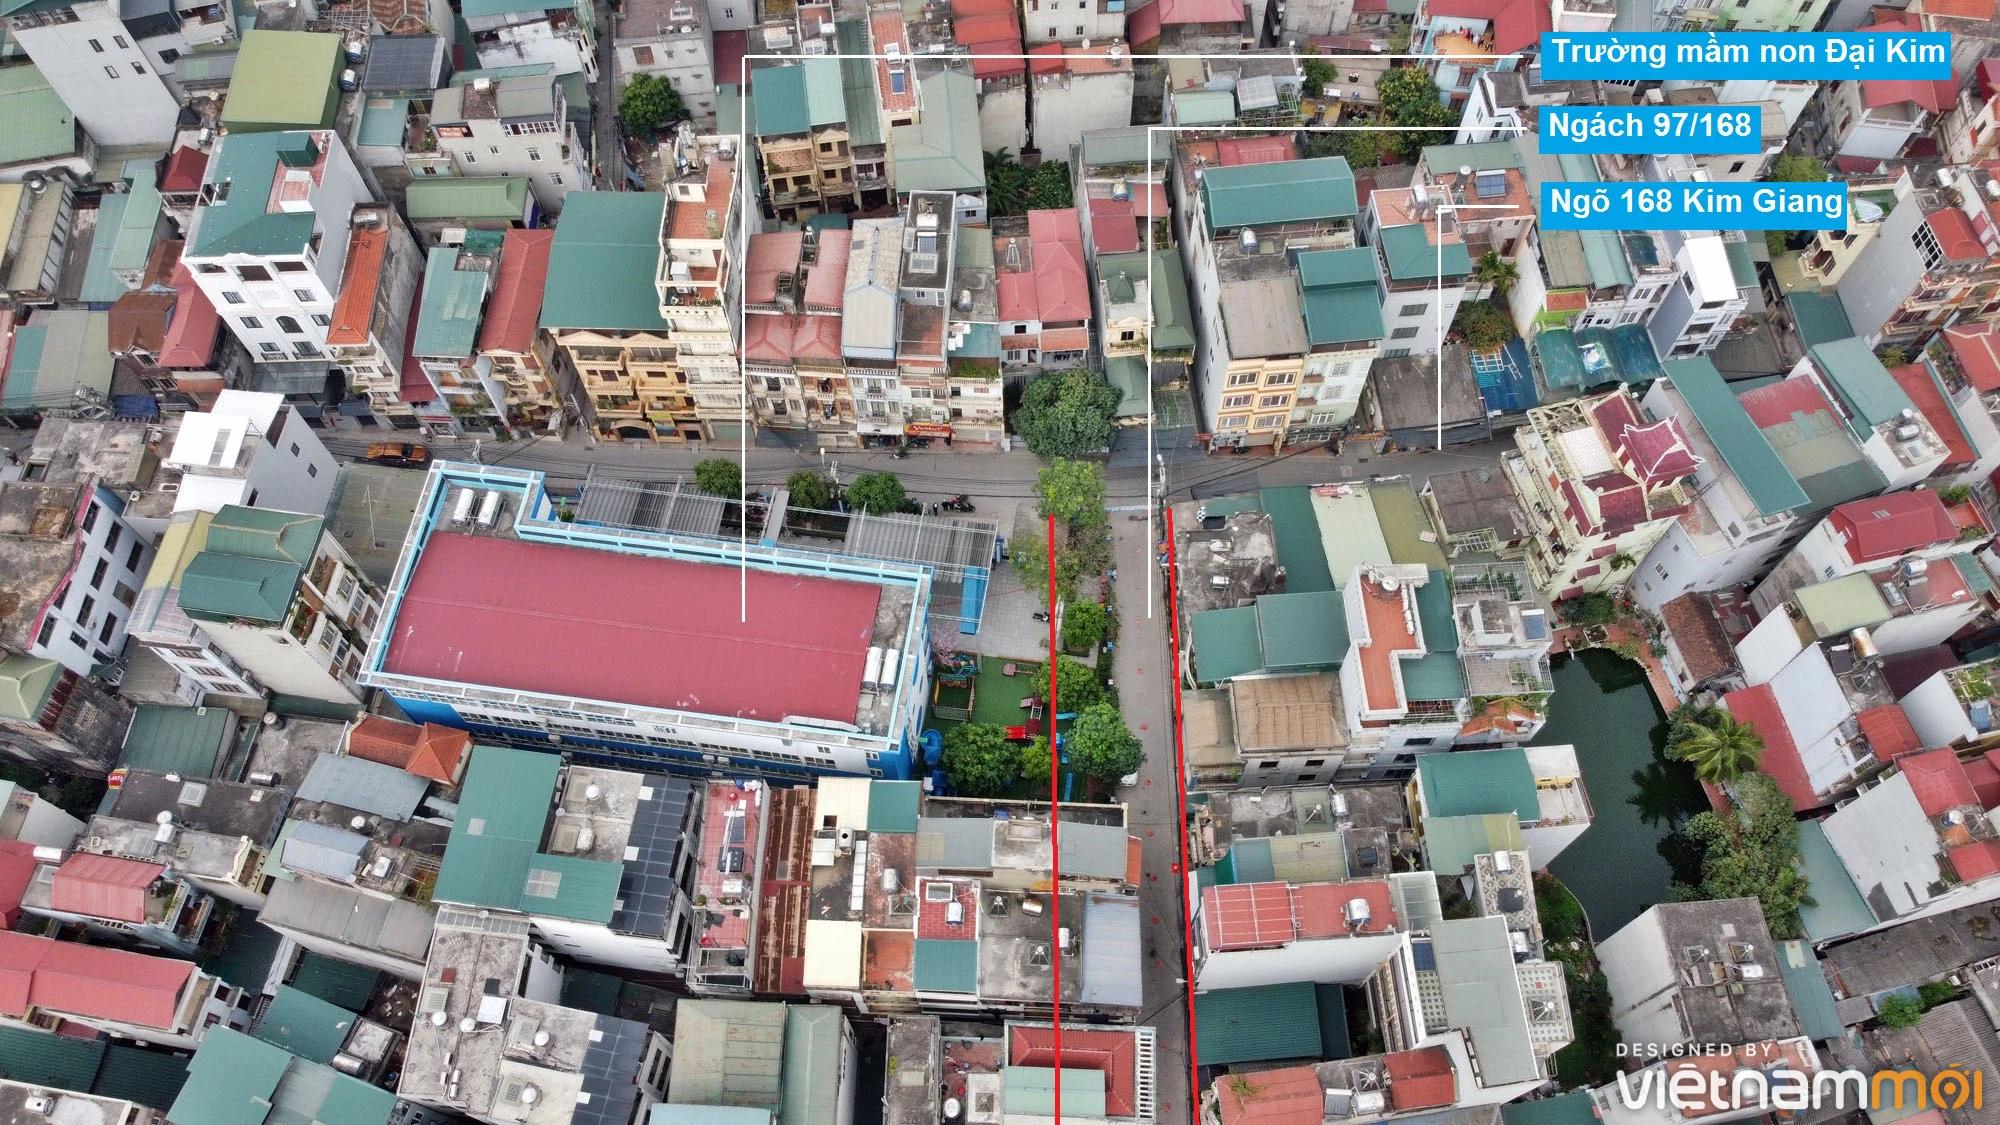 Đường sẽ mở theo quy hoạch ở phường Đại Kim, Hoàng Mai, Hà Nội (phần 3) - Ảnh 5.